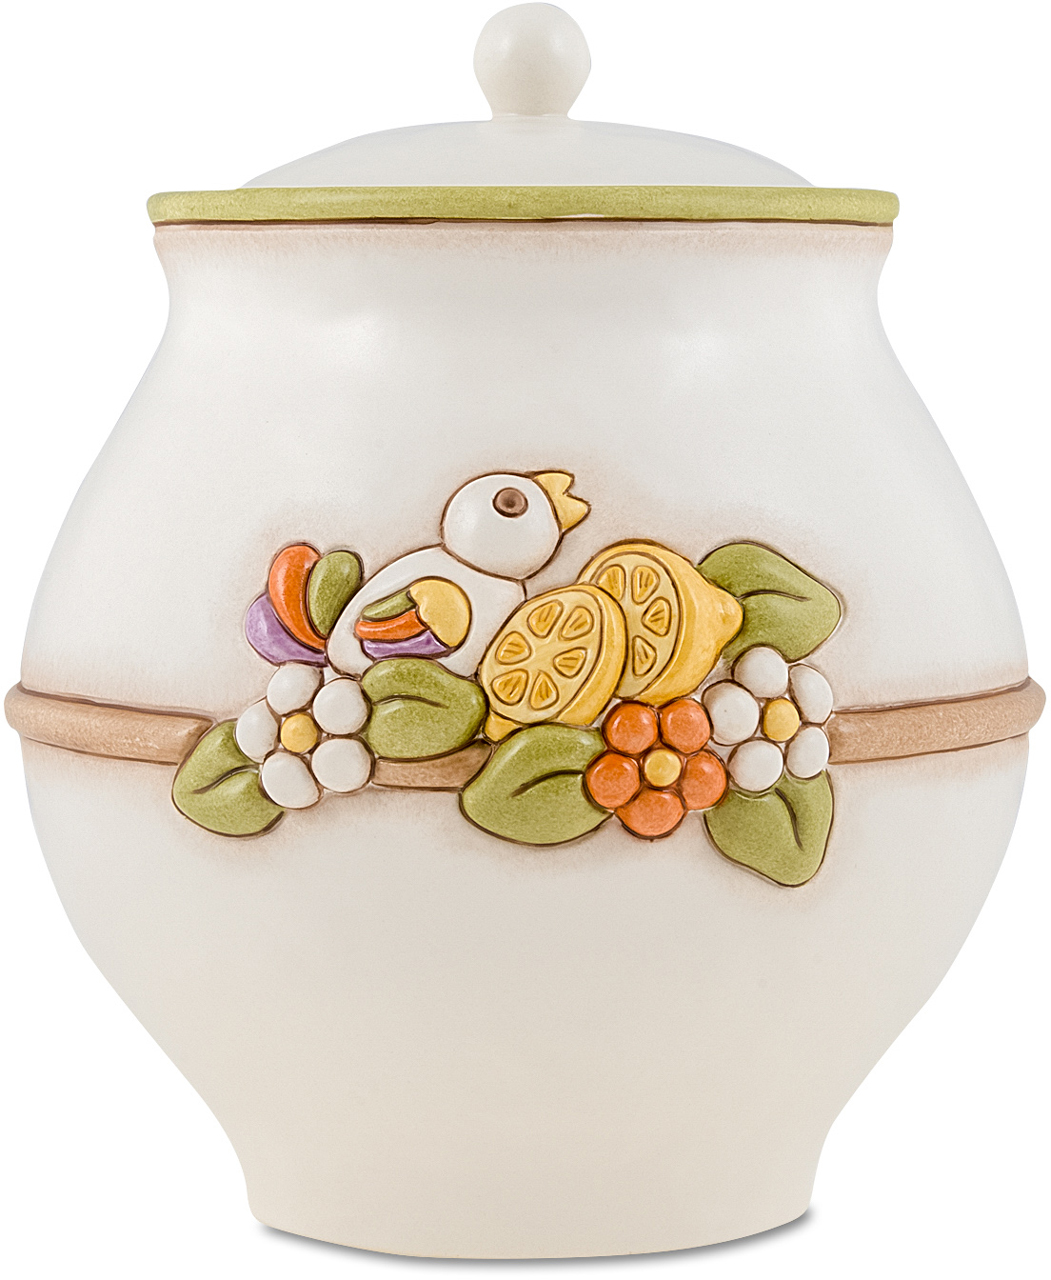 Porta cipolla country thun for Ceramica thun saldi